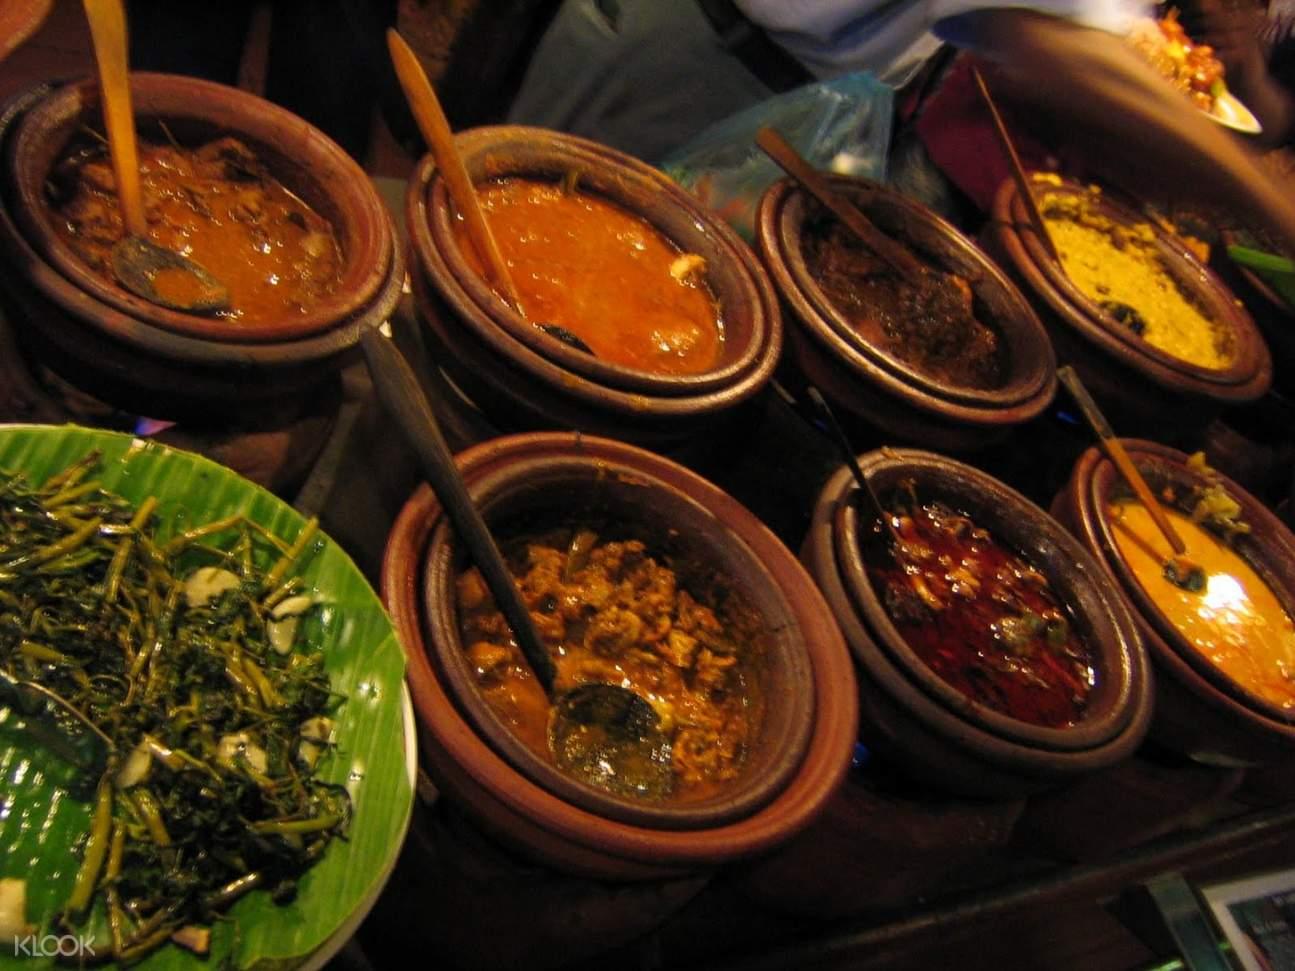 科伦坡街头美食步行发现之旅